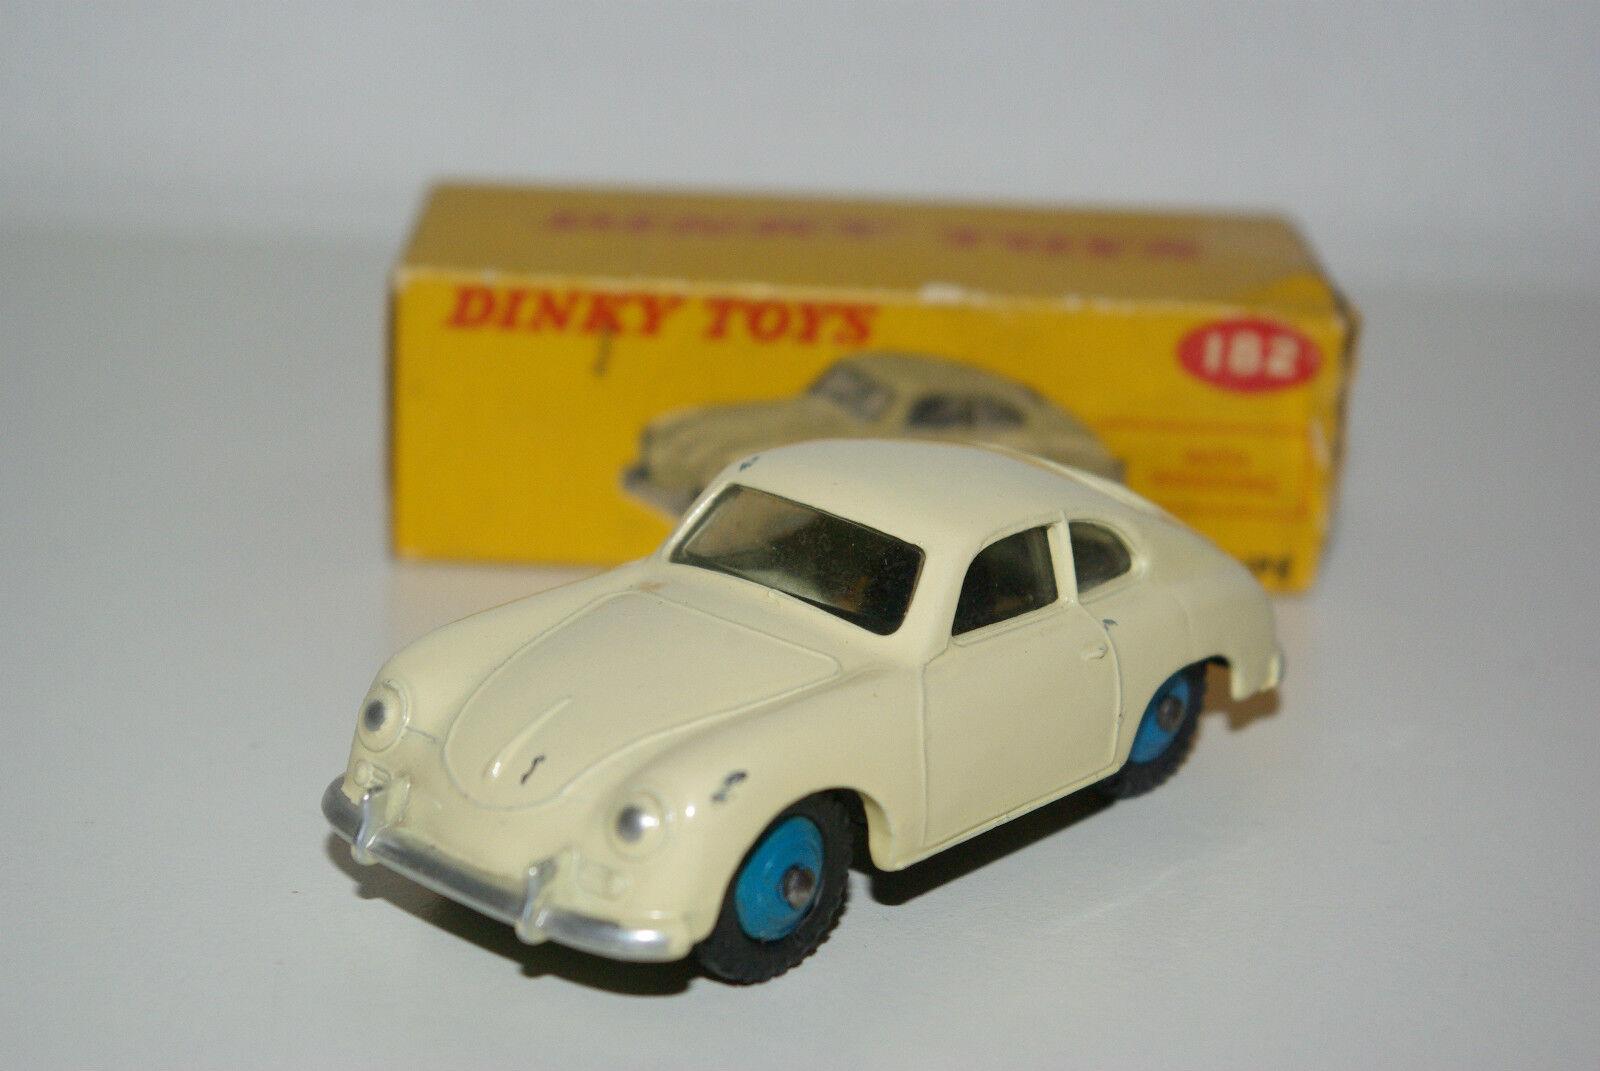 P DINKY TOYS 182 PORSCHE 356 a COUPE Cream NEAR MINT BOXED RARE RARO RARO